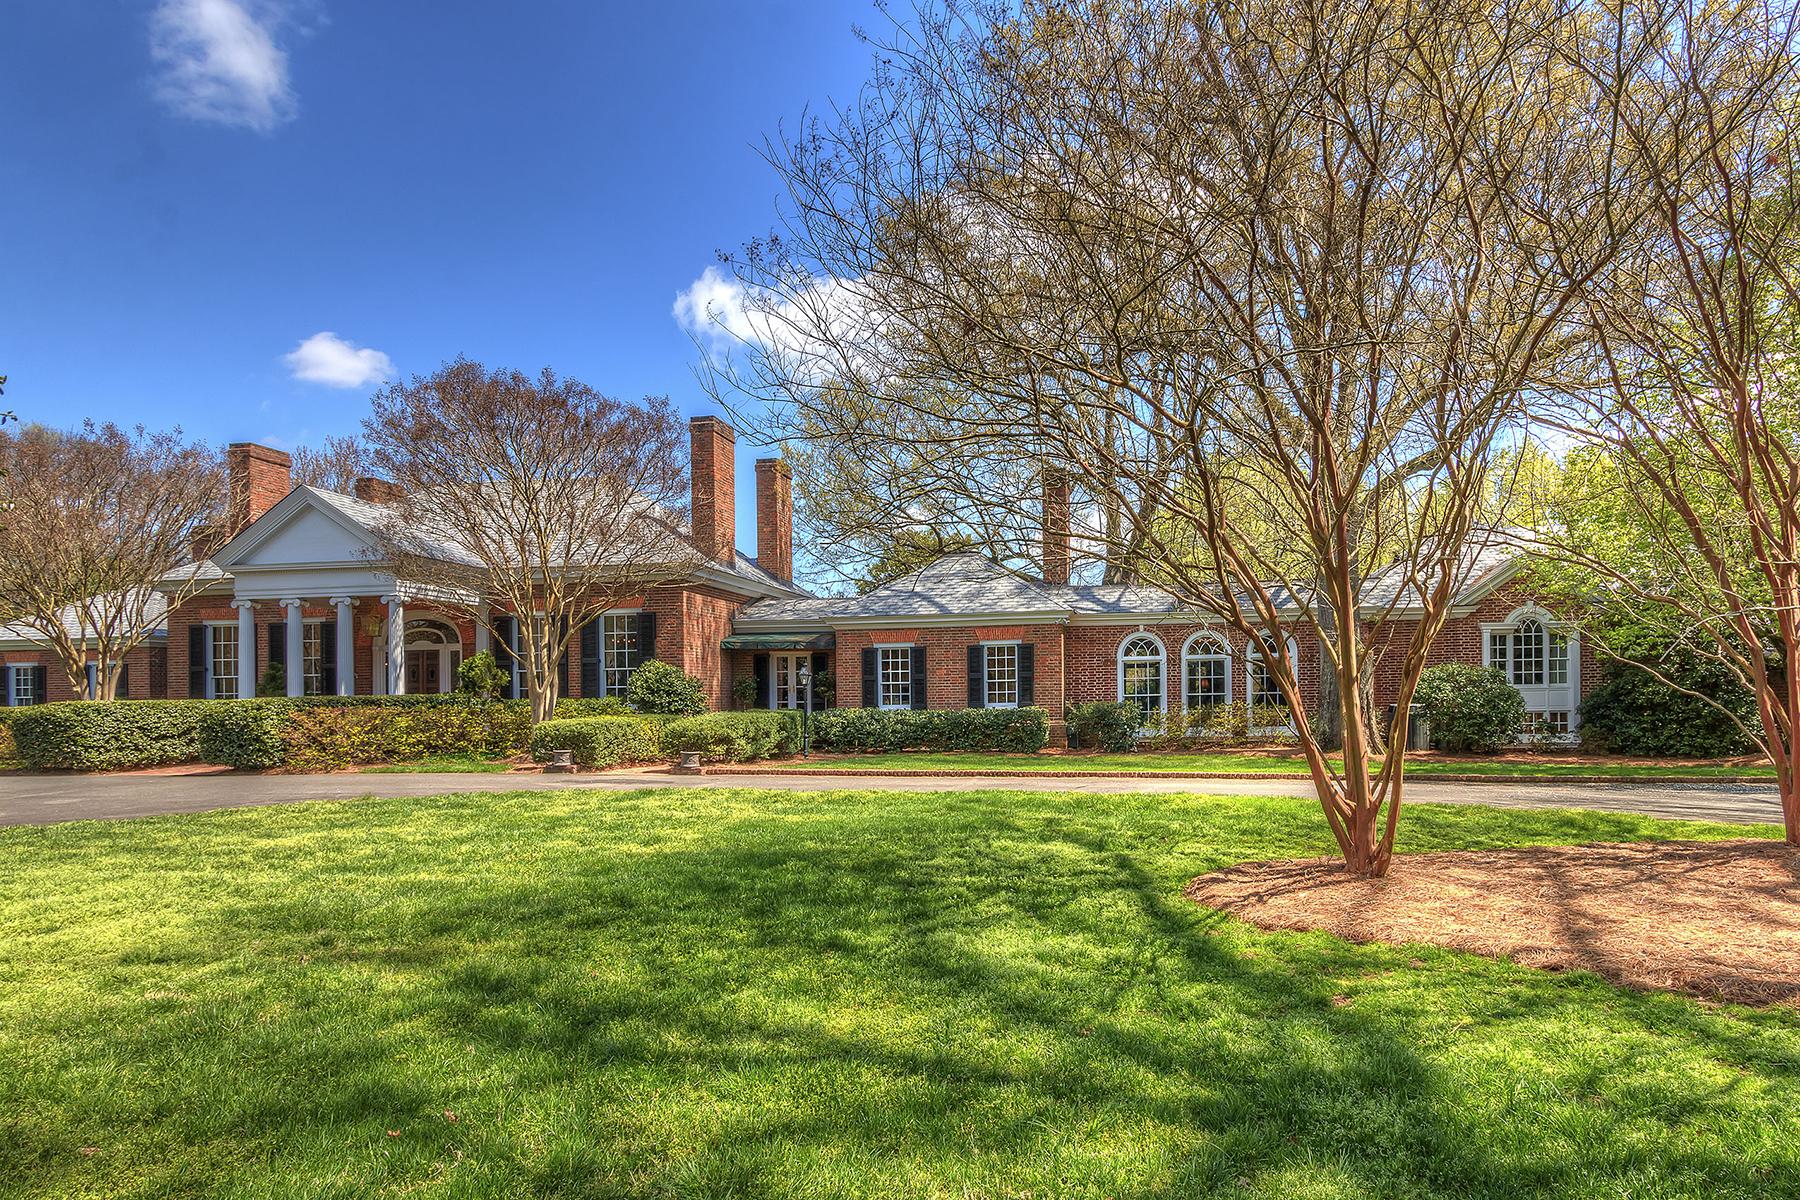 단독 가정 주택 용 매매 에 HAMPTON MANOR 3600 Hampton Manor Dr Charlotte, 노스캐놀라이나 28226 미국